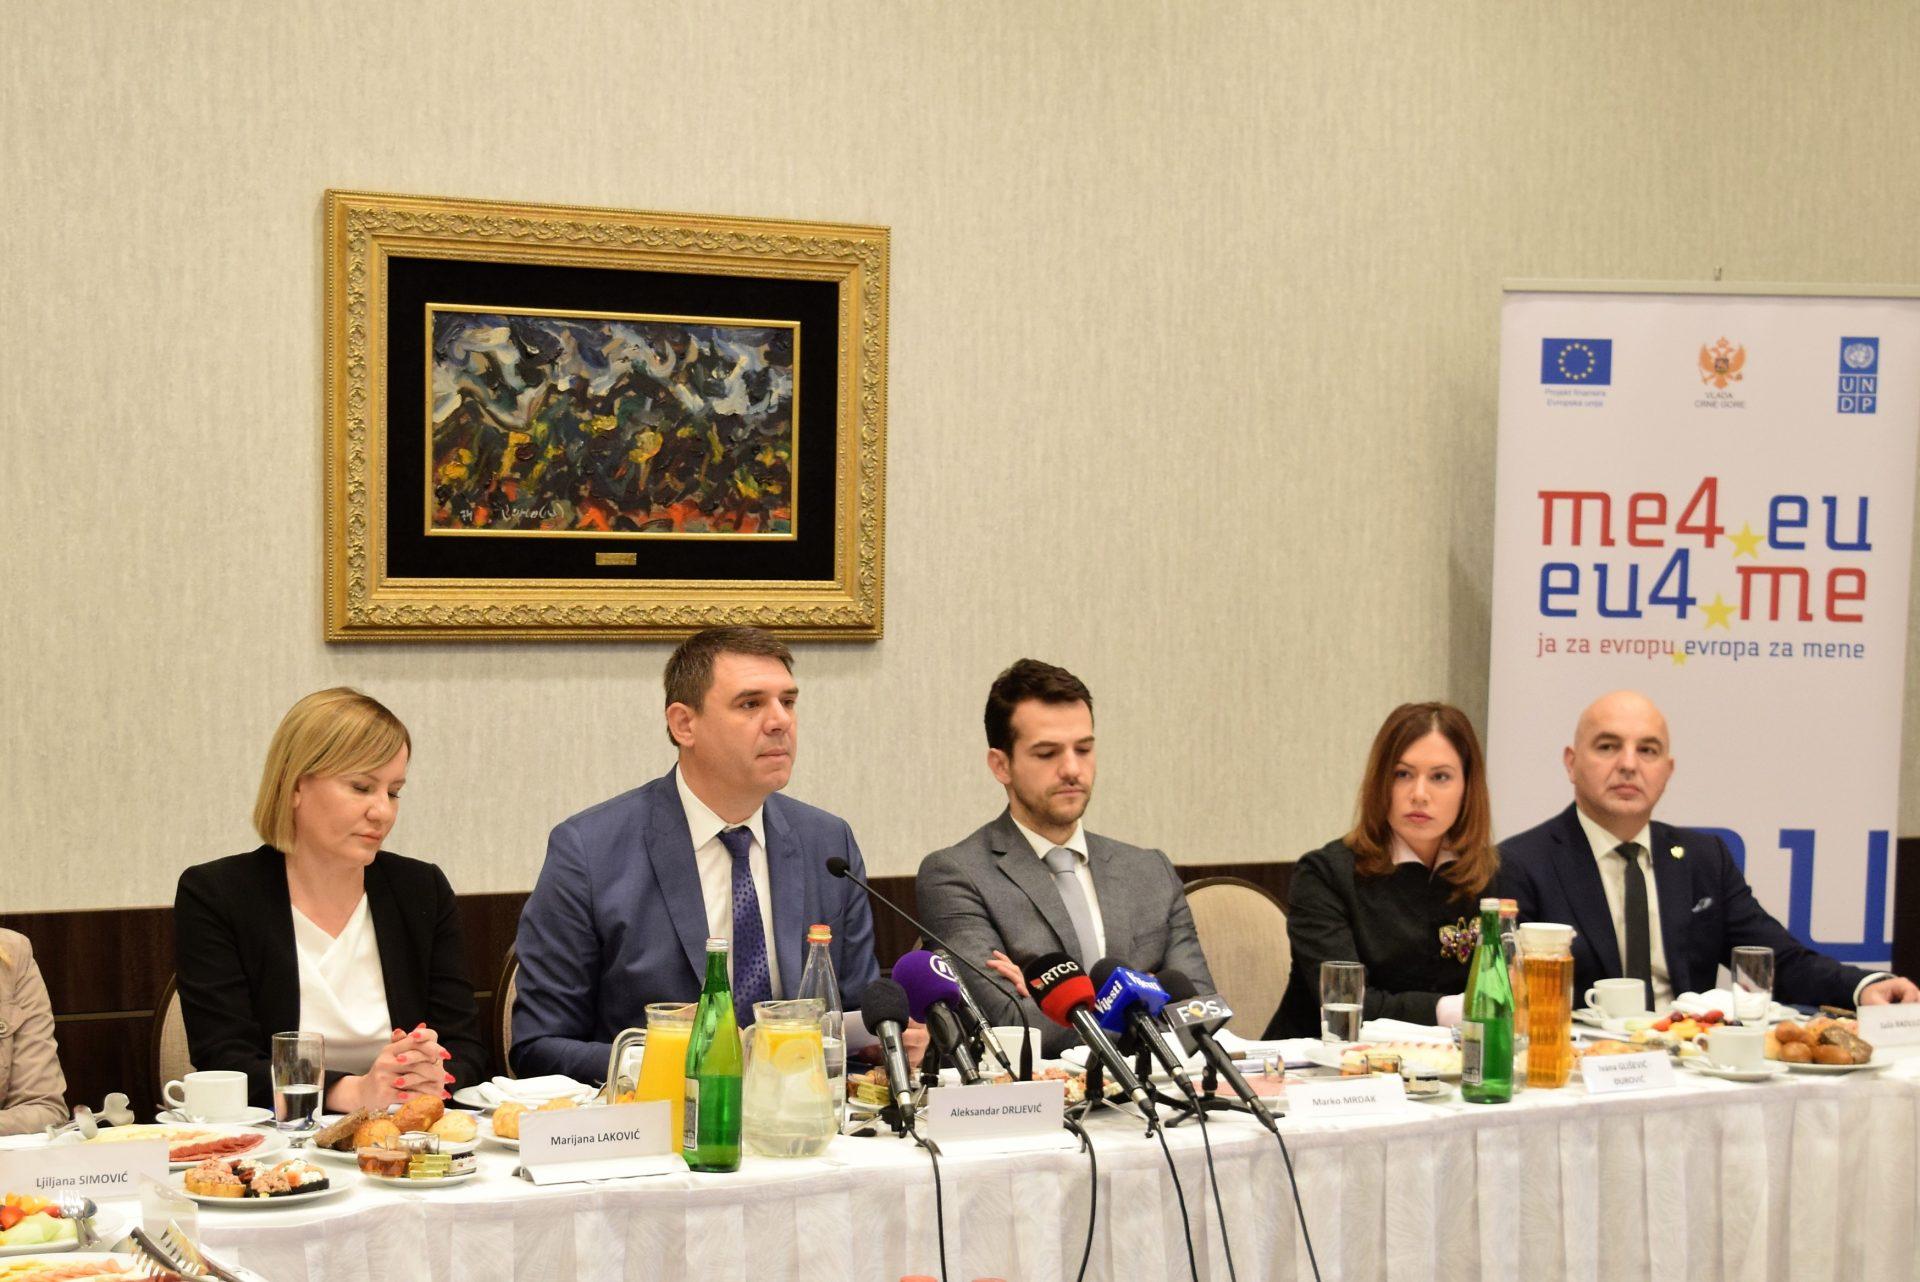 Το Μαυροβούνιο είναι έτοιμο να ανοίξει το τελευταίο ενταξιακό κεφάλαιο